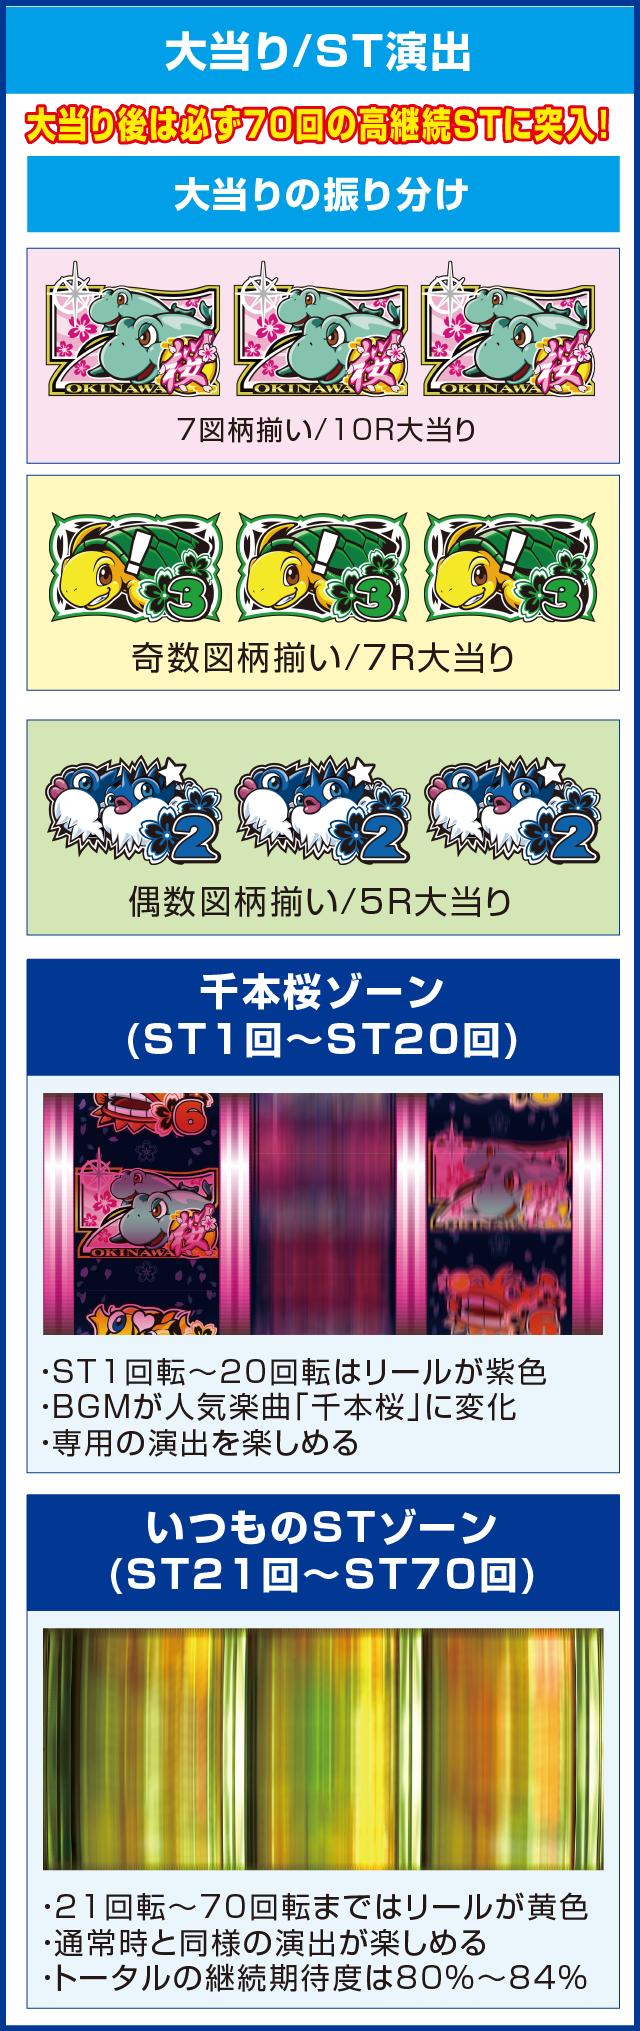 P ドラム海物語 IN沖縄 桜バージョンのピックアップポイント